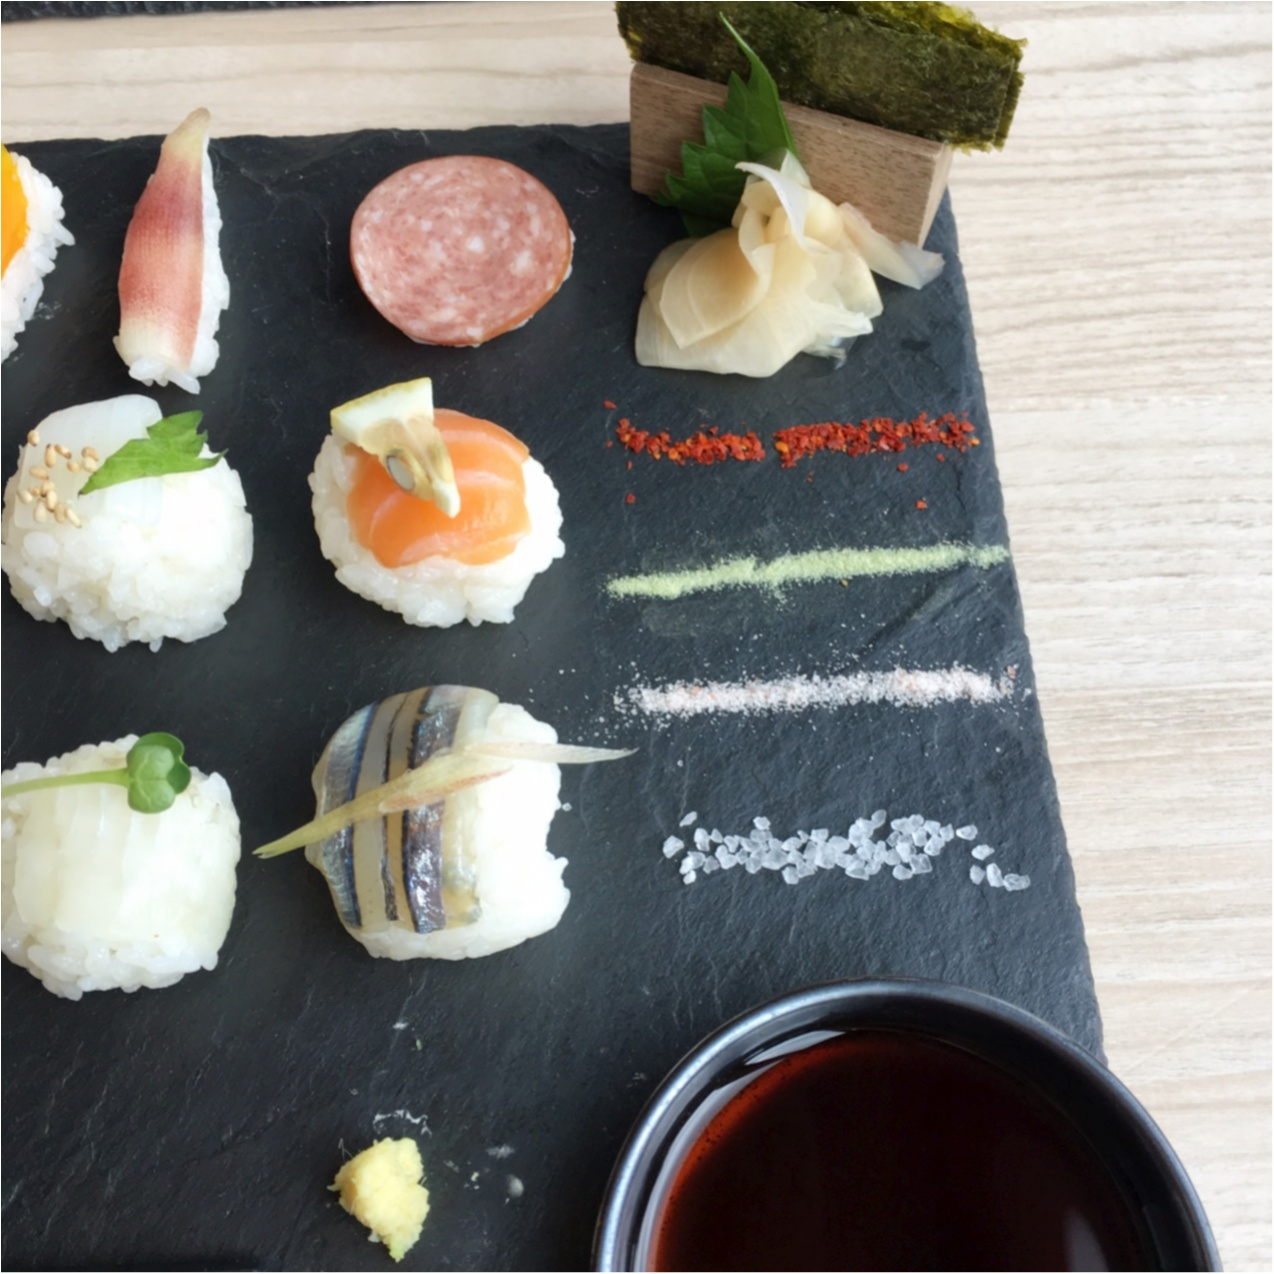 インスタ映え間違いなし!可愛すぎる♡♡フォトジェニックな手まり寿司はいかが?_5